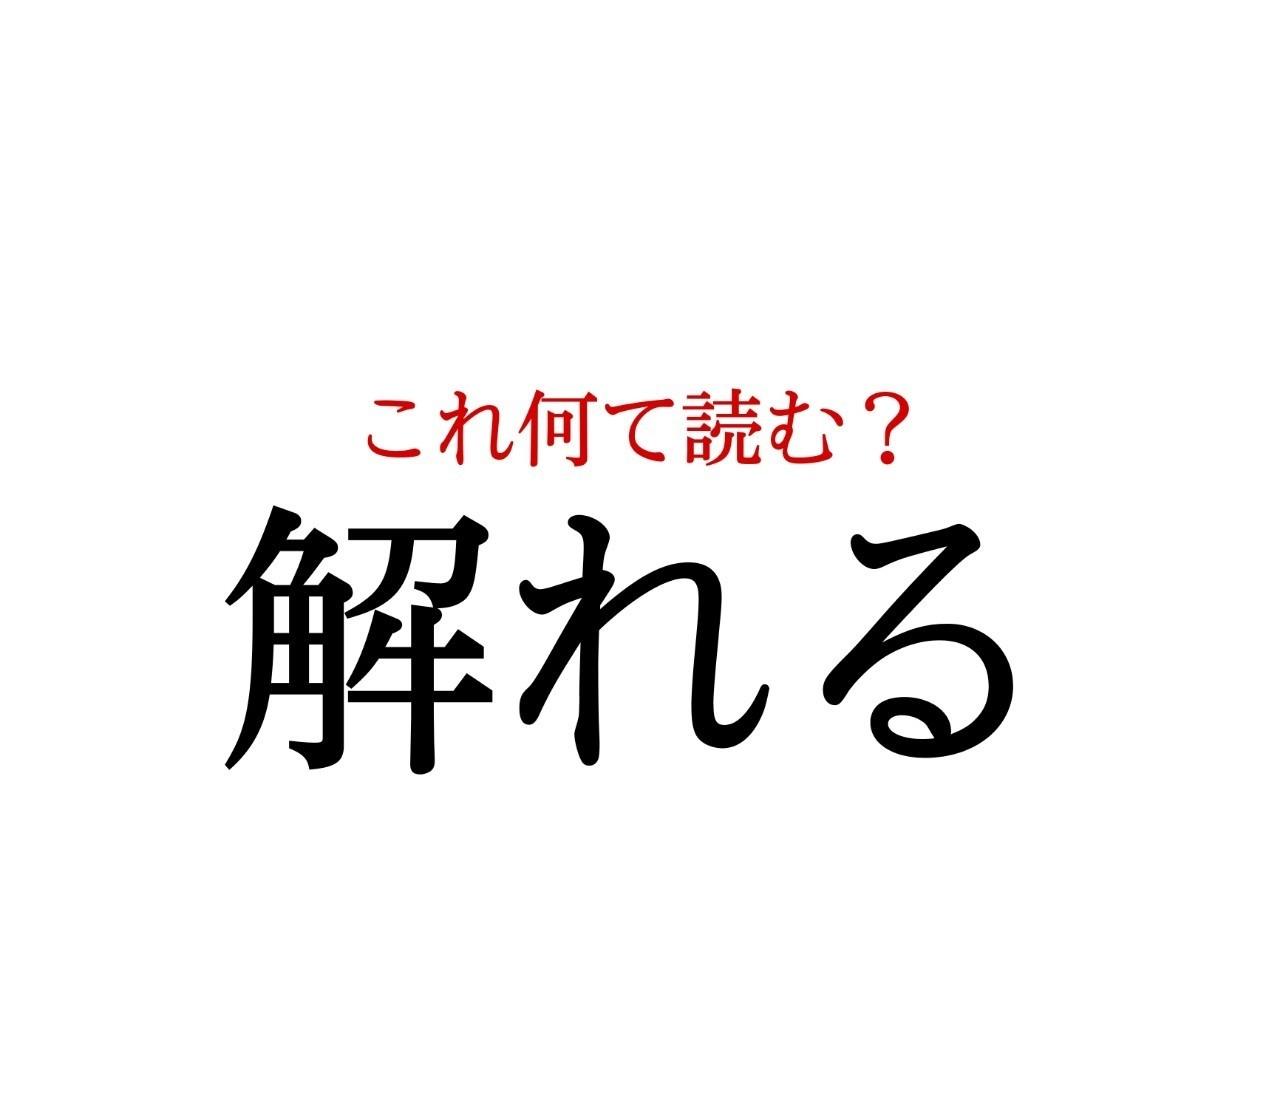 「解れる」:この漢字、自信を持って読めますか?【働く大人の漢字クイズvol.246】